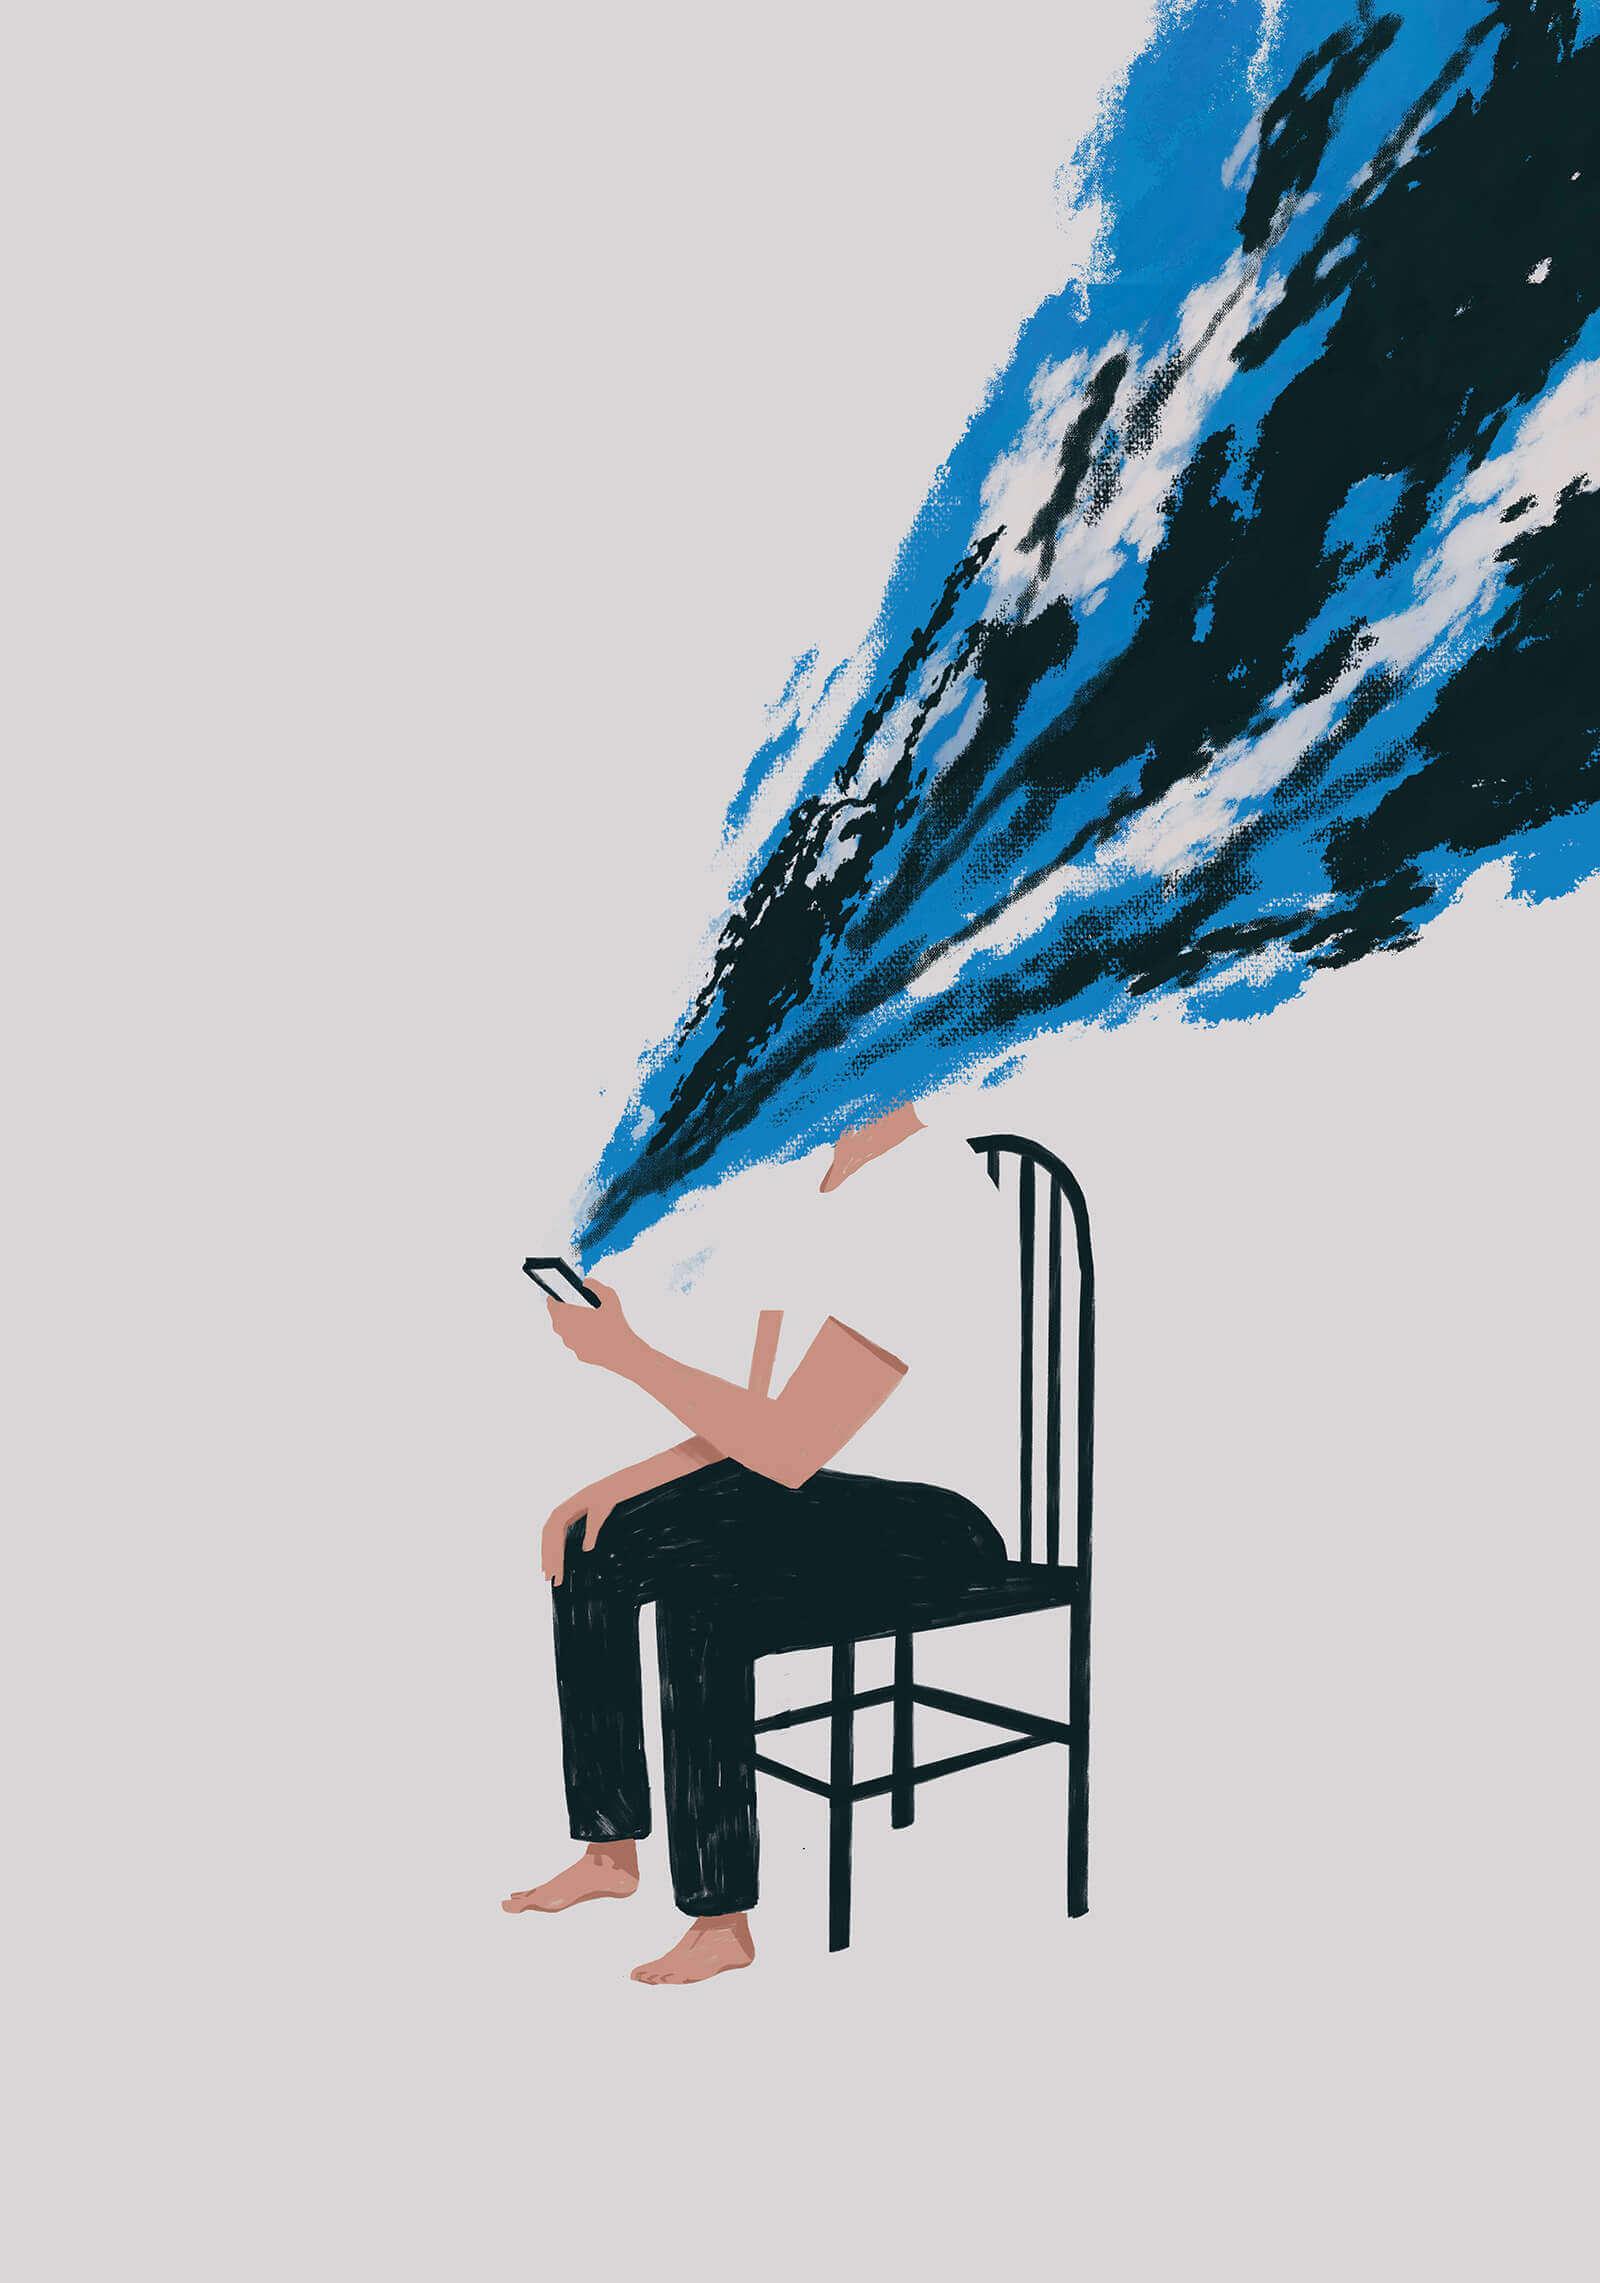 мужчина сидит на стуле и смотрит в телефон с которого идет потом чего-то ему в лицо